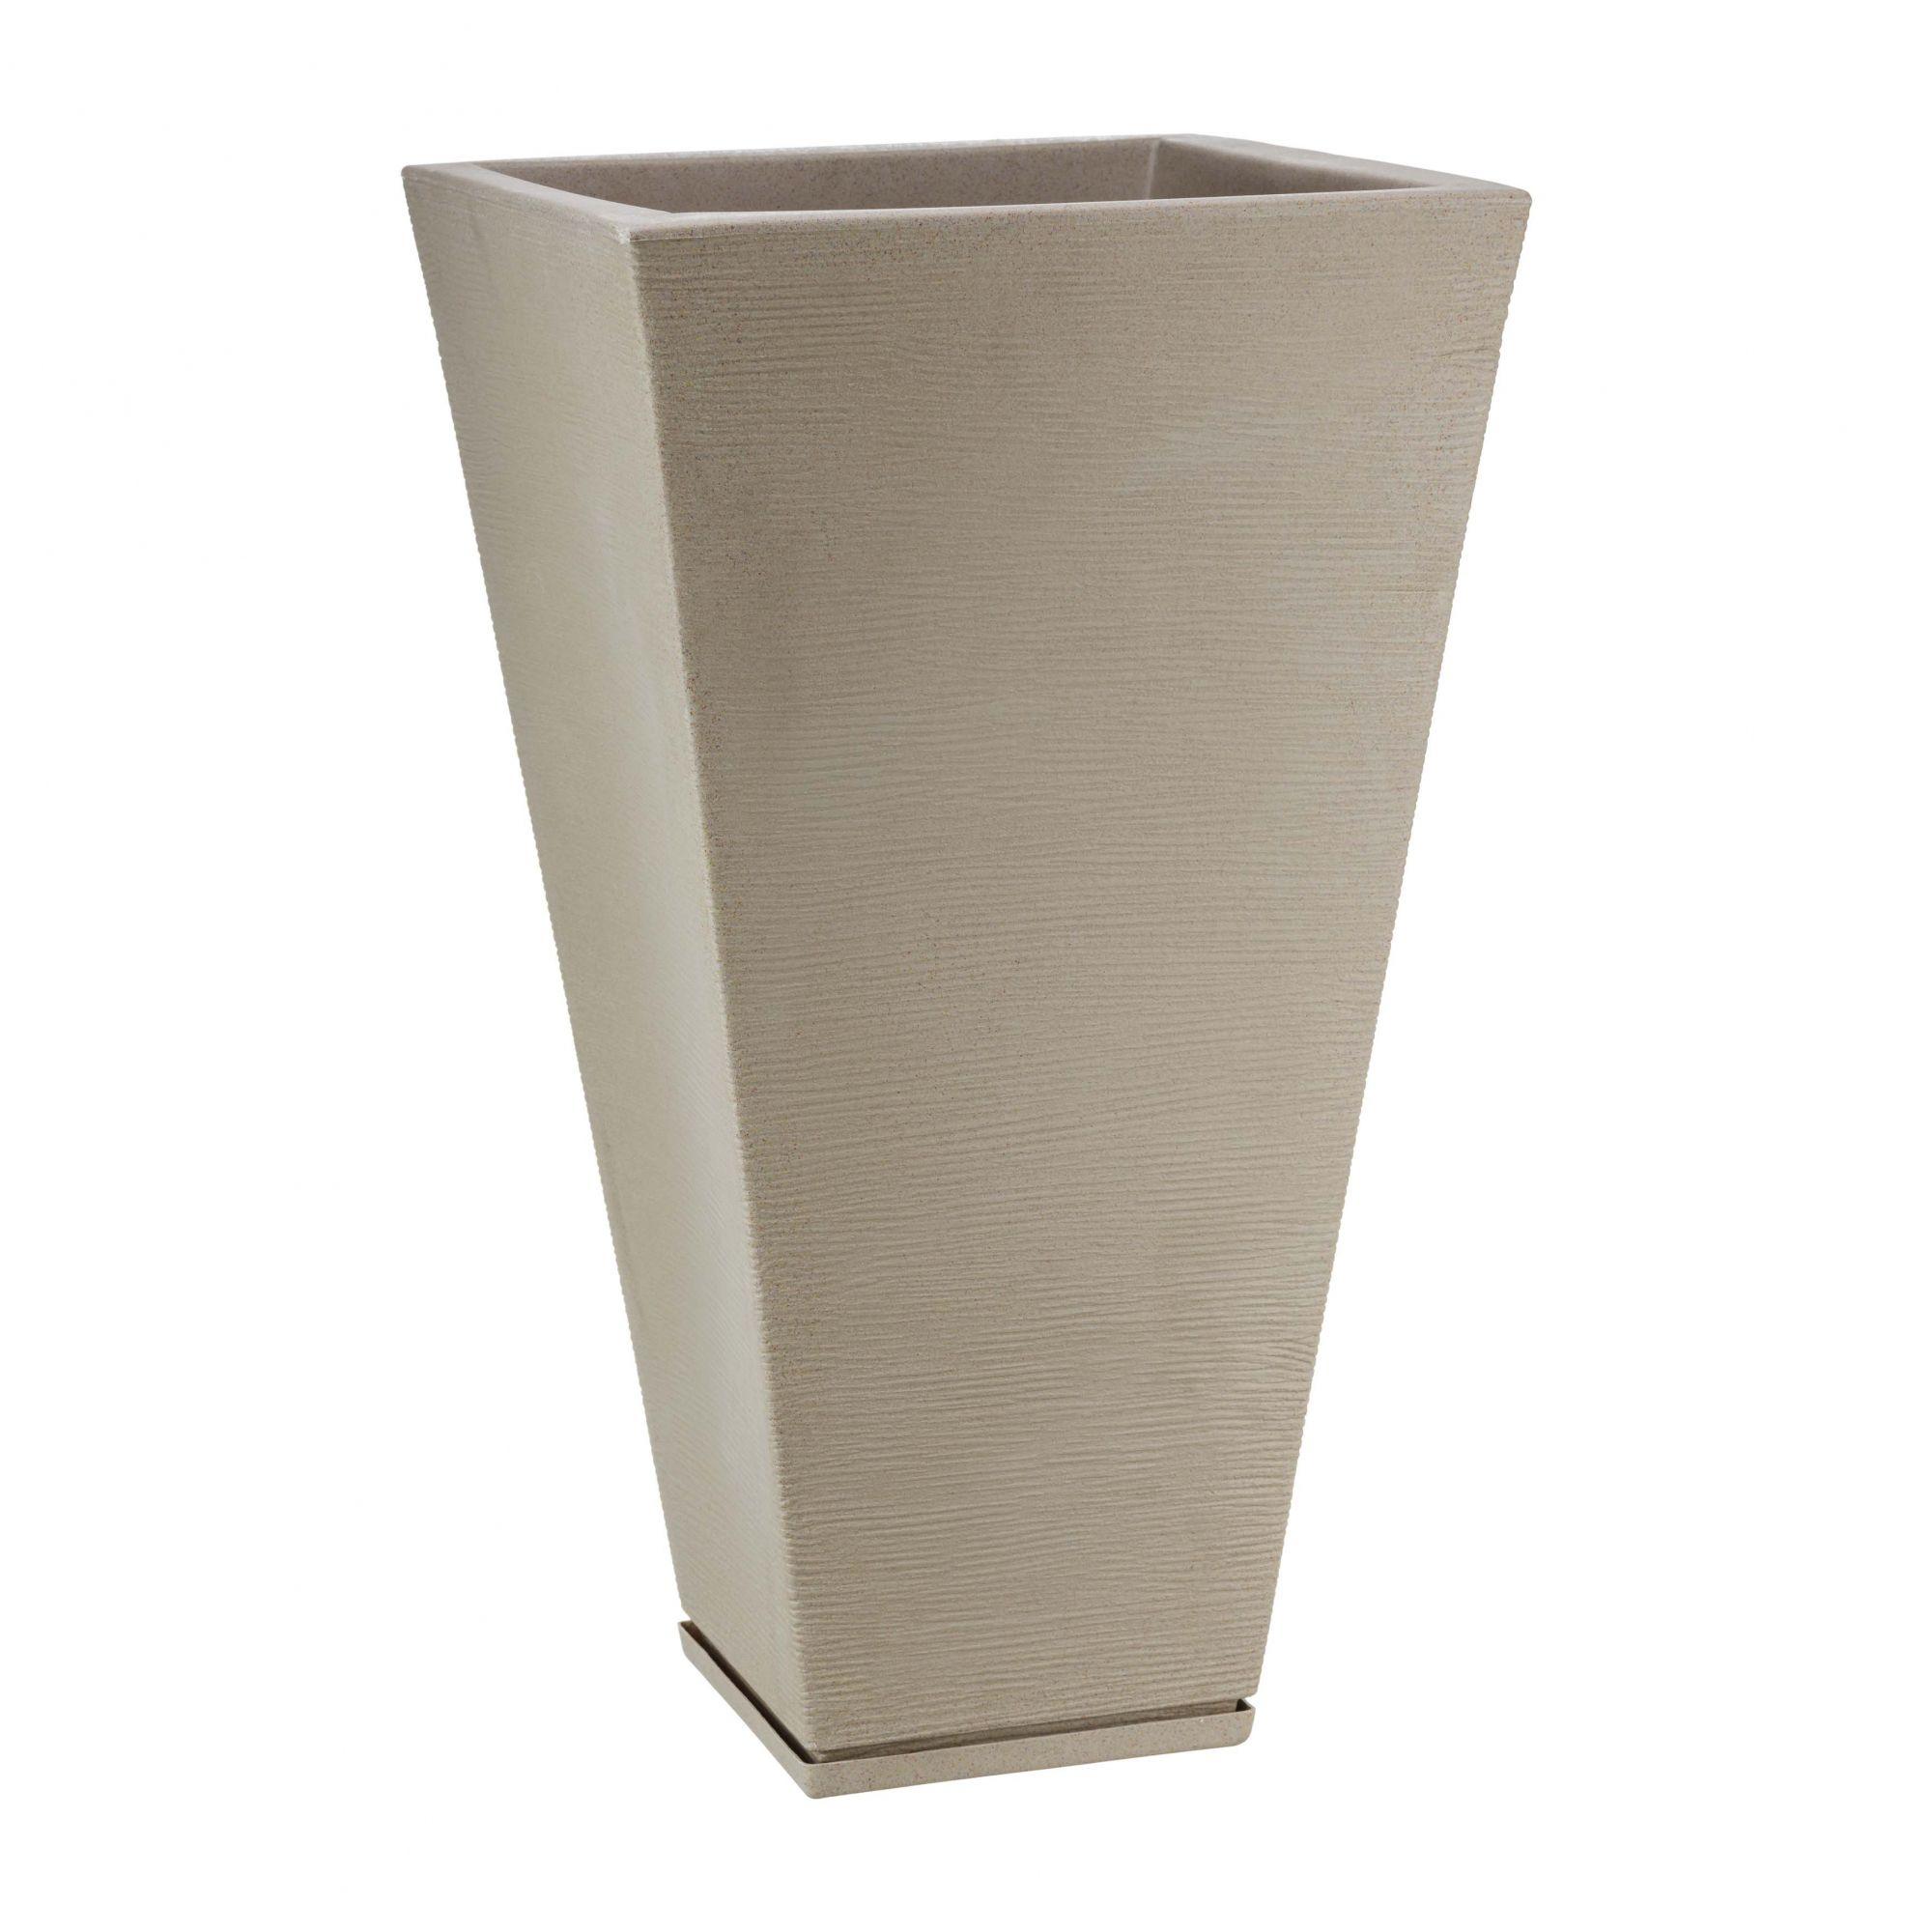 Vaso Zurique Grafiato Bege Stone - 35cm x 74cm